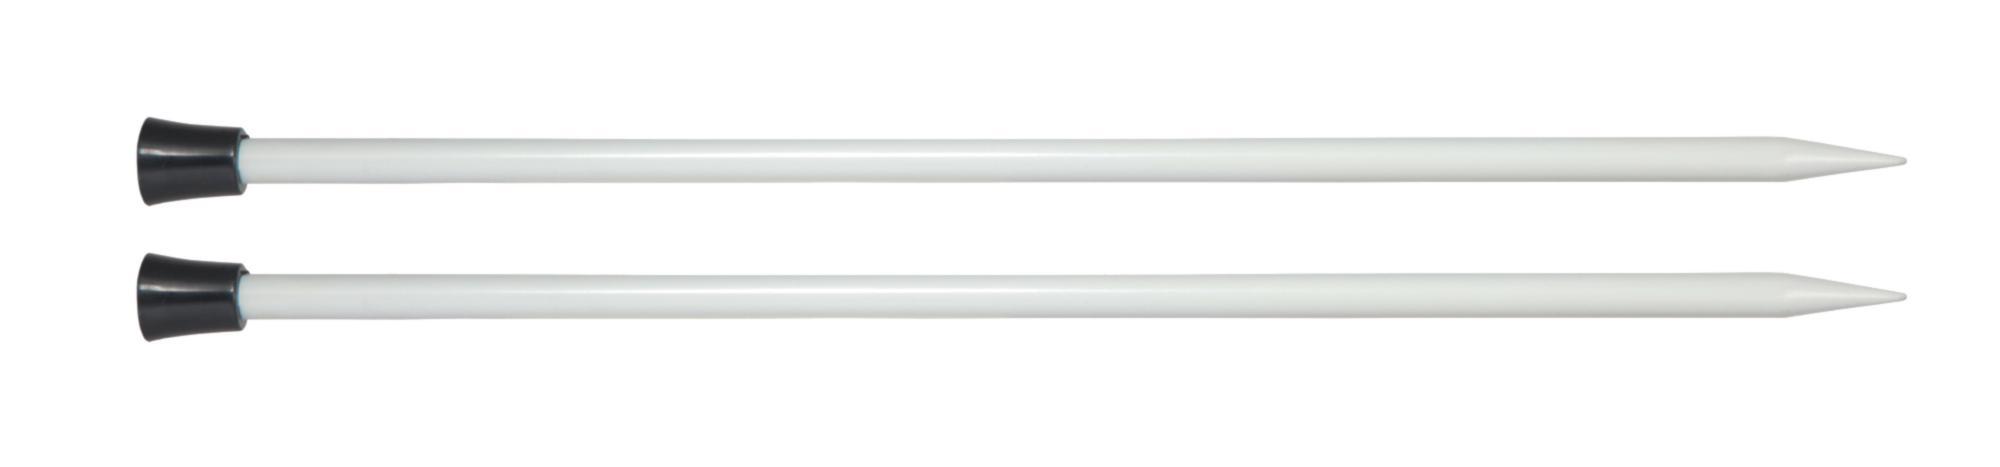 Спицы прямые 40 см Basix Aluminium KnitPro, 45288, 2.25 мм